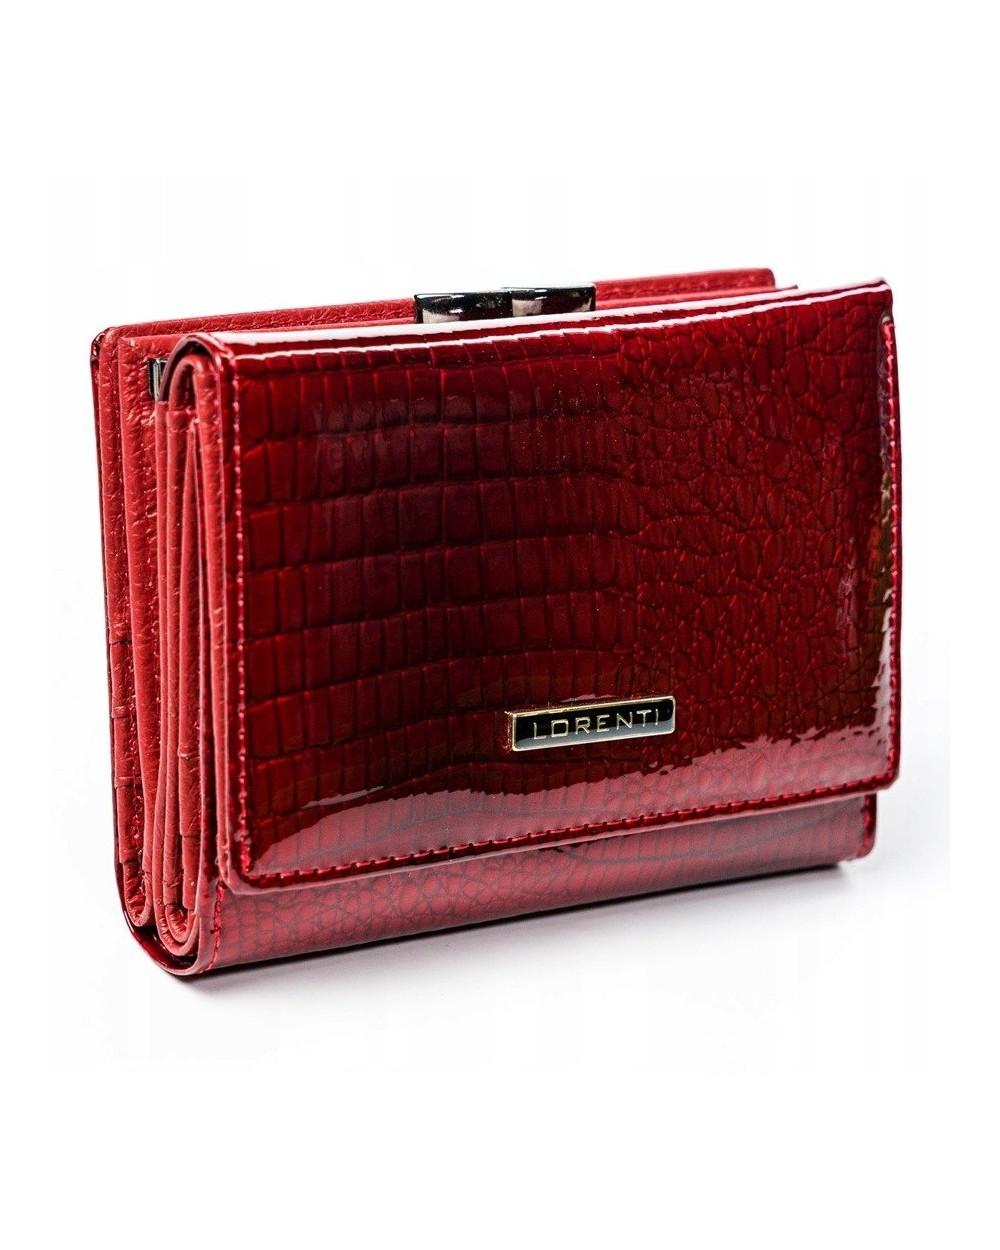 Damski portfel ze skóry lakierowanej croco Lorenti czerwony